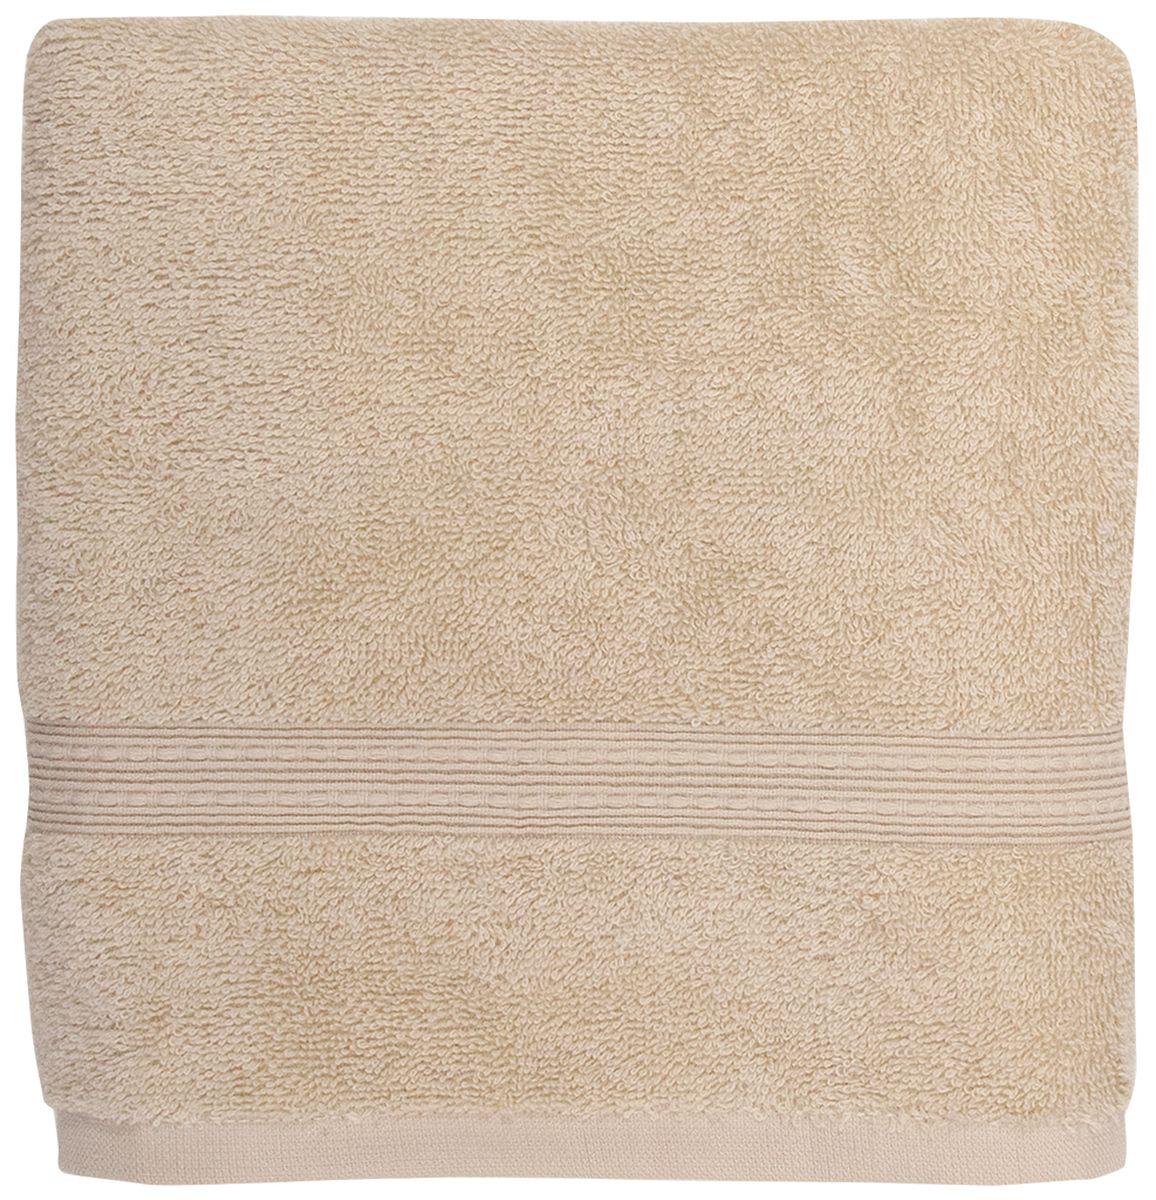 Полотенце банное Bonita Classic, цвет: бисквит, 50 x 90 см1011217216Банное полотенце Bonita Classic выполнено из 100% хлопка. Изделие отлично впитывает влагу, быстро сохнет, сохраняет яркость цвета и нетеряет форму даже после многократных стирок.Такое полотенце очень практично и неприхотливо в уходе. Оно создаст прекрасное настроение и украсит интерьер вванной комнате.